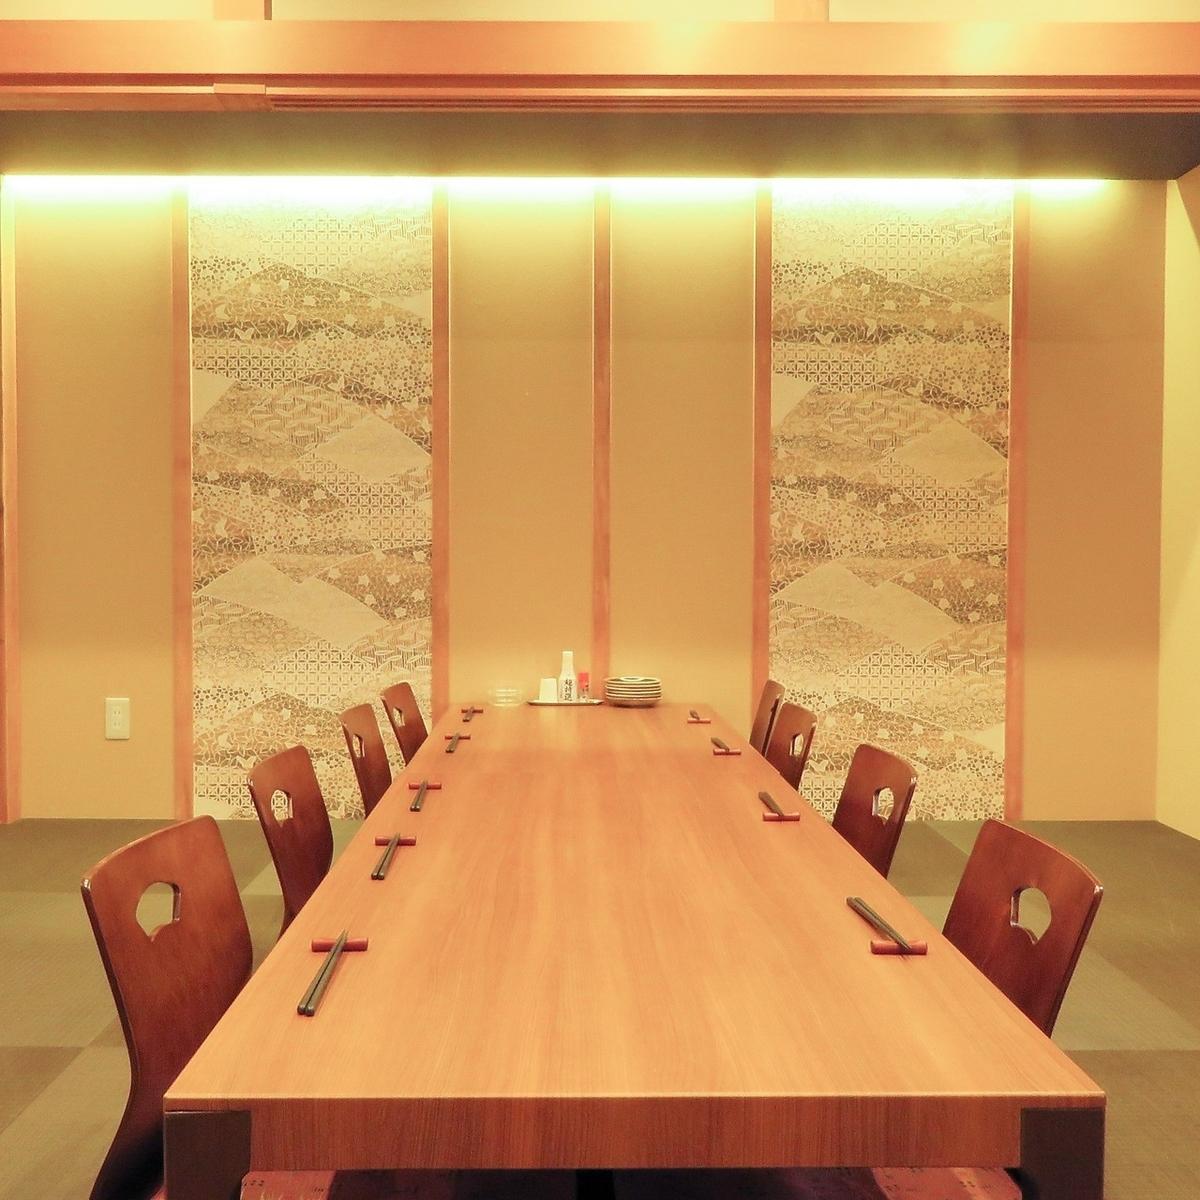 2樓:桌子私人房間